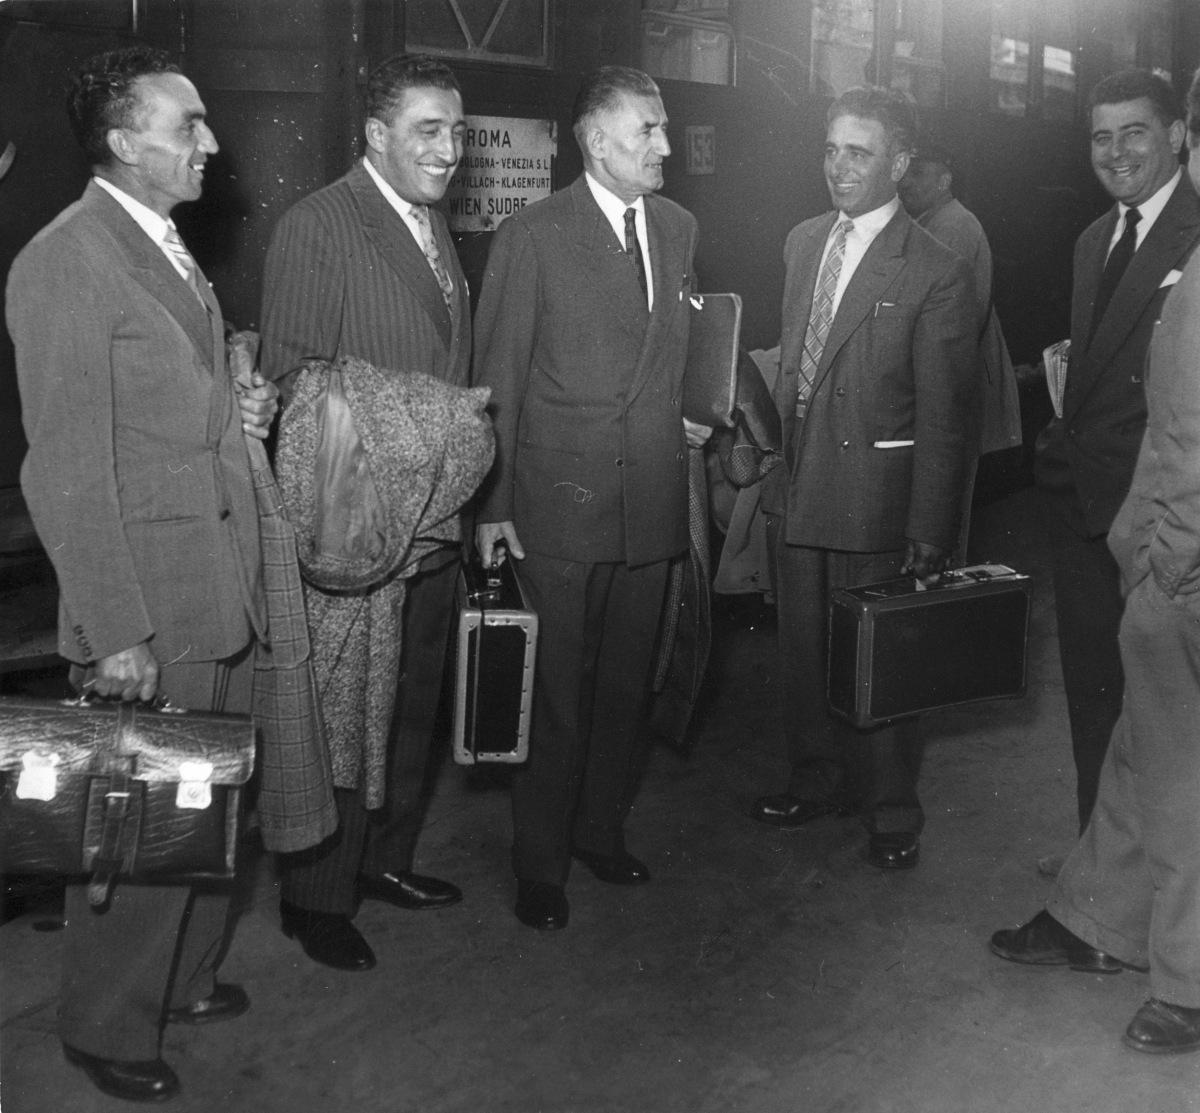 18. Ottobre 1953. I delegati di Bologna in partenza per il Congresso Sindacale Mondiale, che si terrà a Vienna. Malaguti fece parte della Commissione Politica del Congresso e Di Vittorio, alla fine del Congresso, fu eletto Presidente della Federazione Mondiale dei Sindacati.